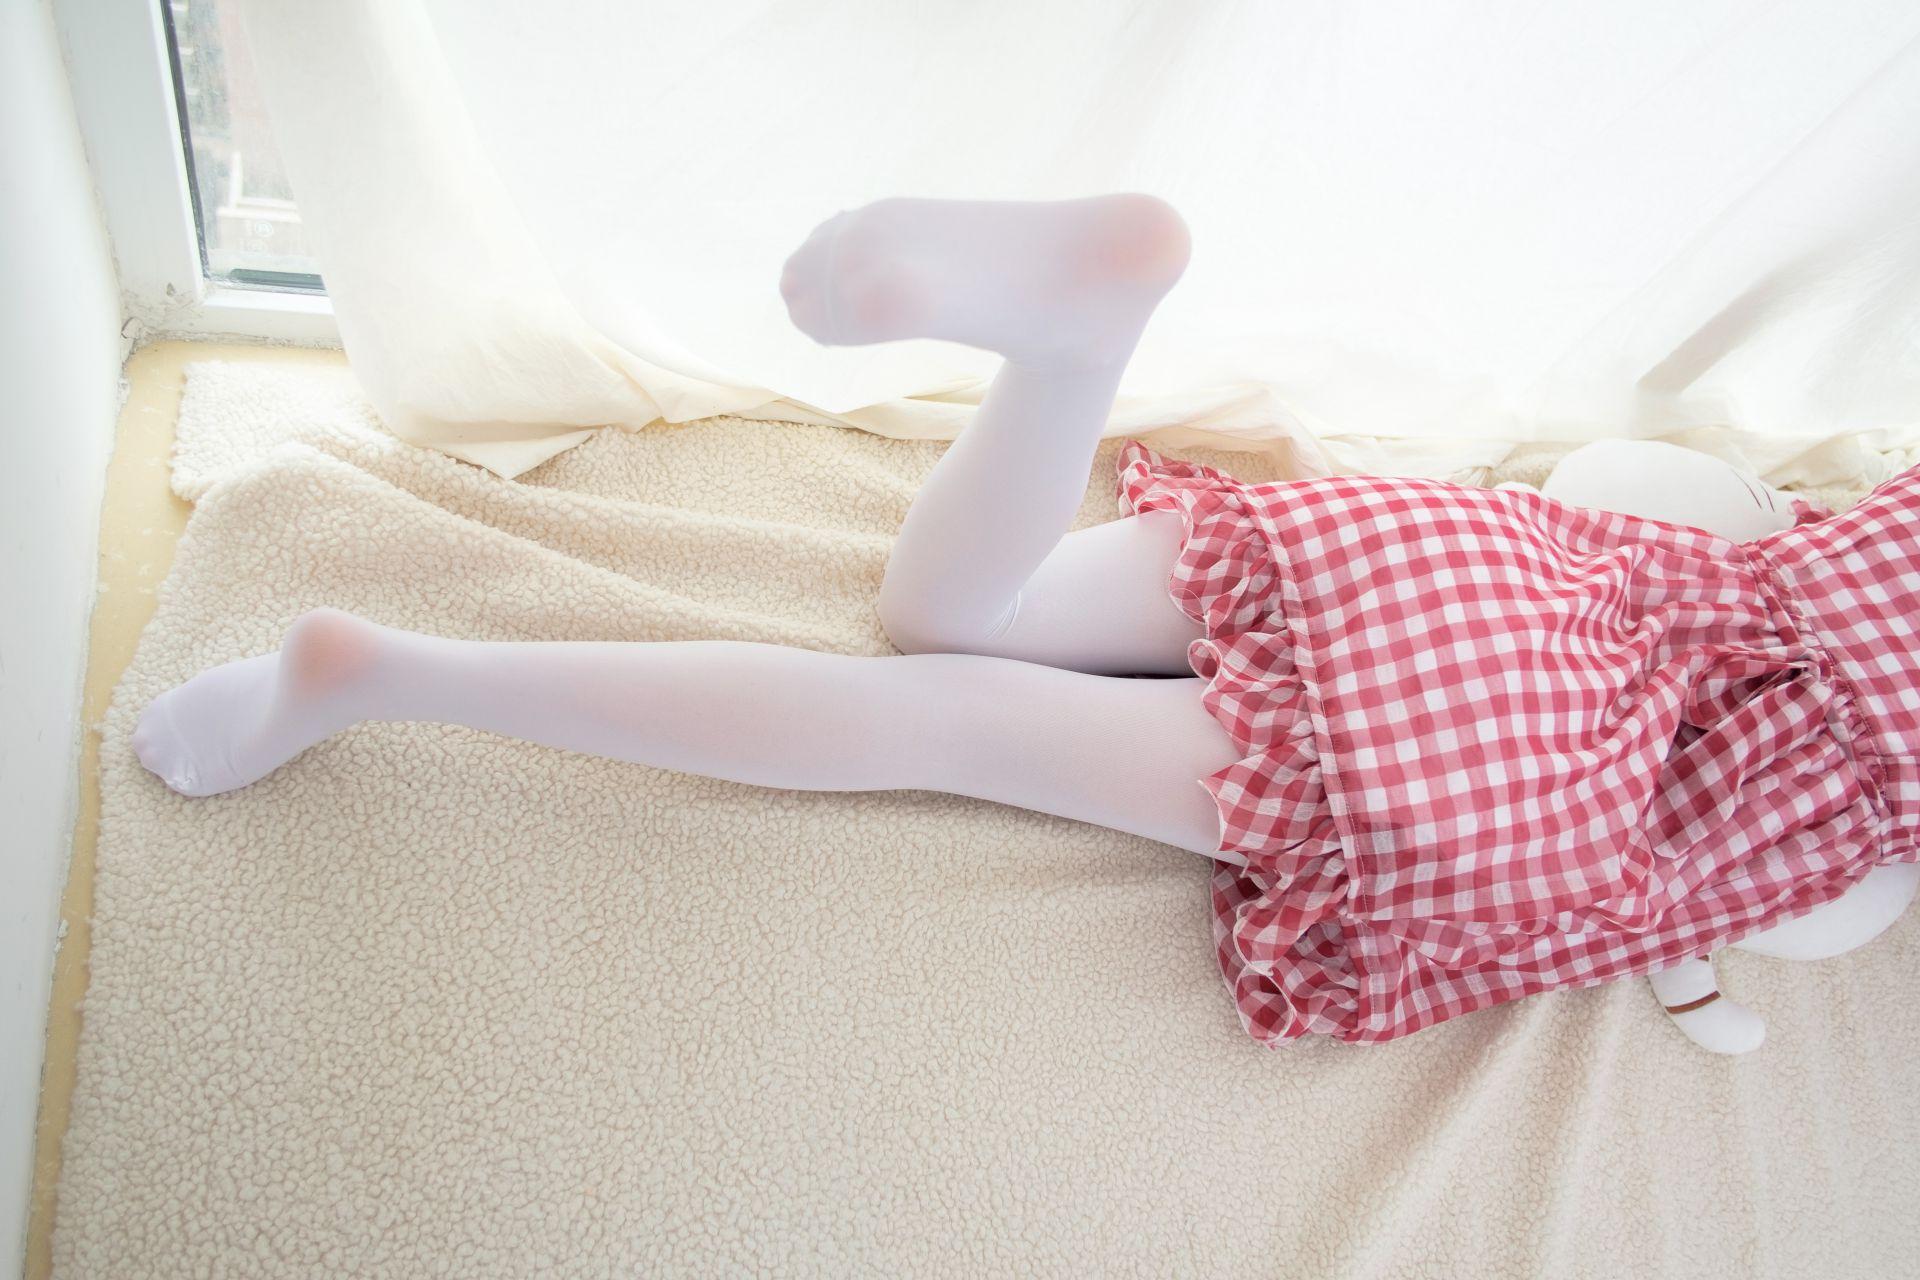 【森萝财团】森萝财团写真 - R15-011 红色格子裙白丝MM [67P-388MB] R15系列 第5张